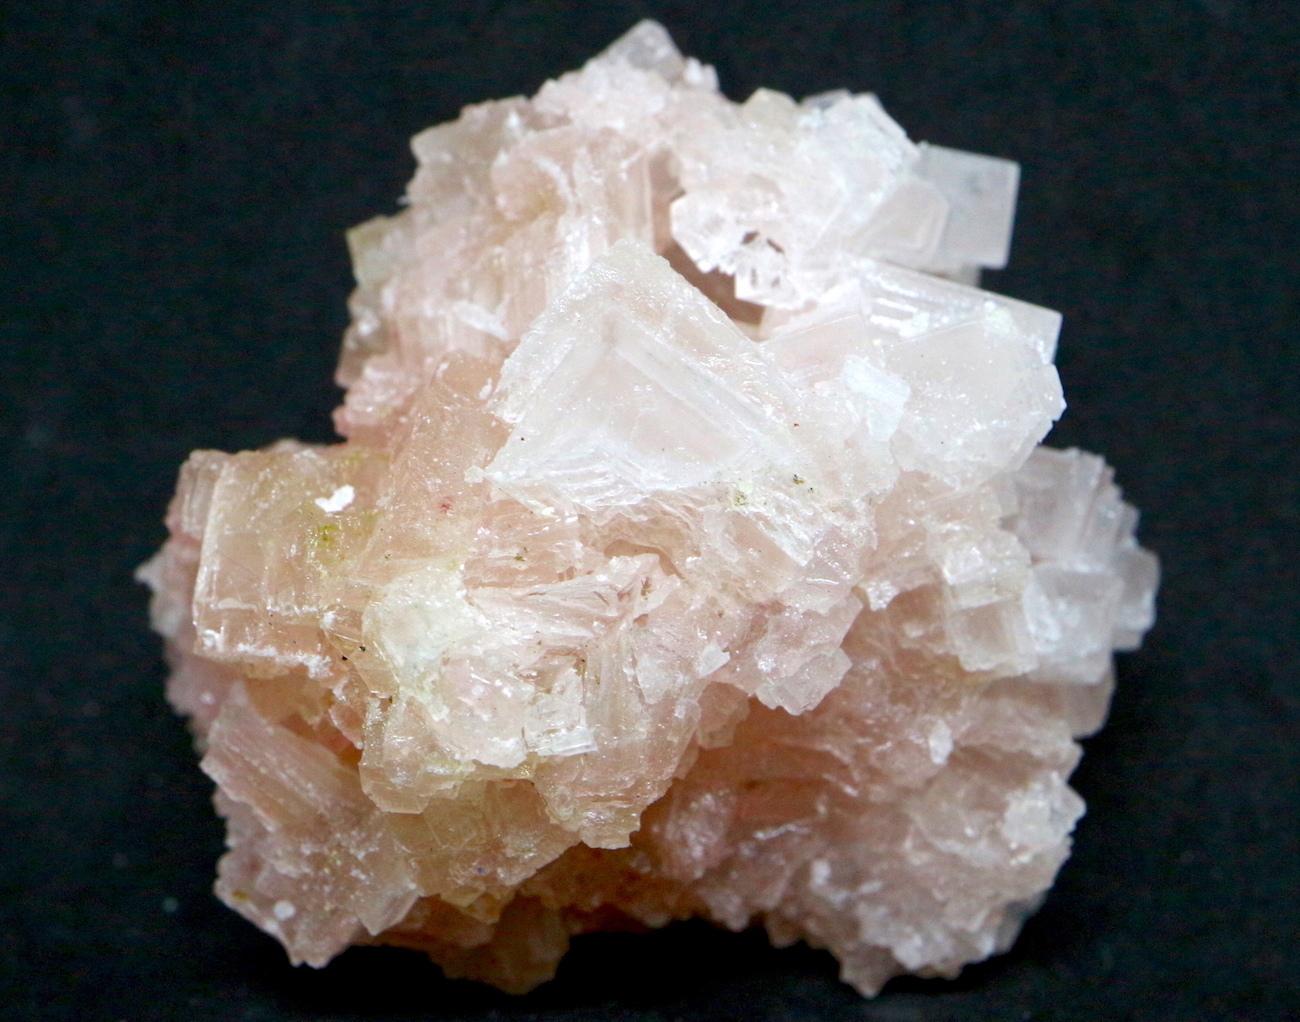 ピンクハーライト カリフォルニア産 46g 岩塩 PH067 鉱物 天然石 浄化 パワーストーン